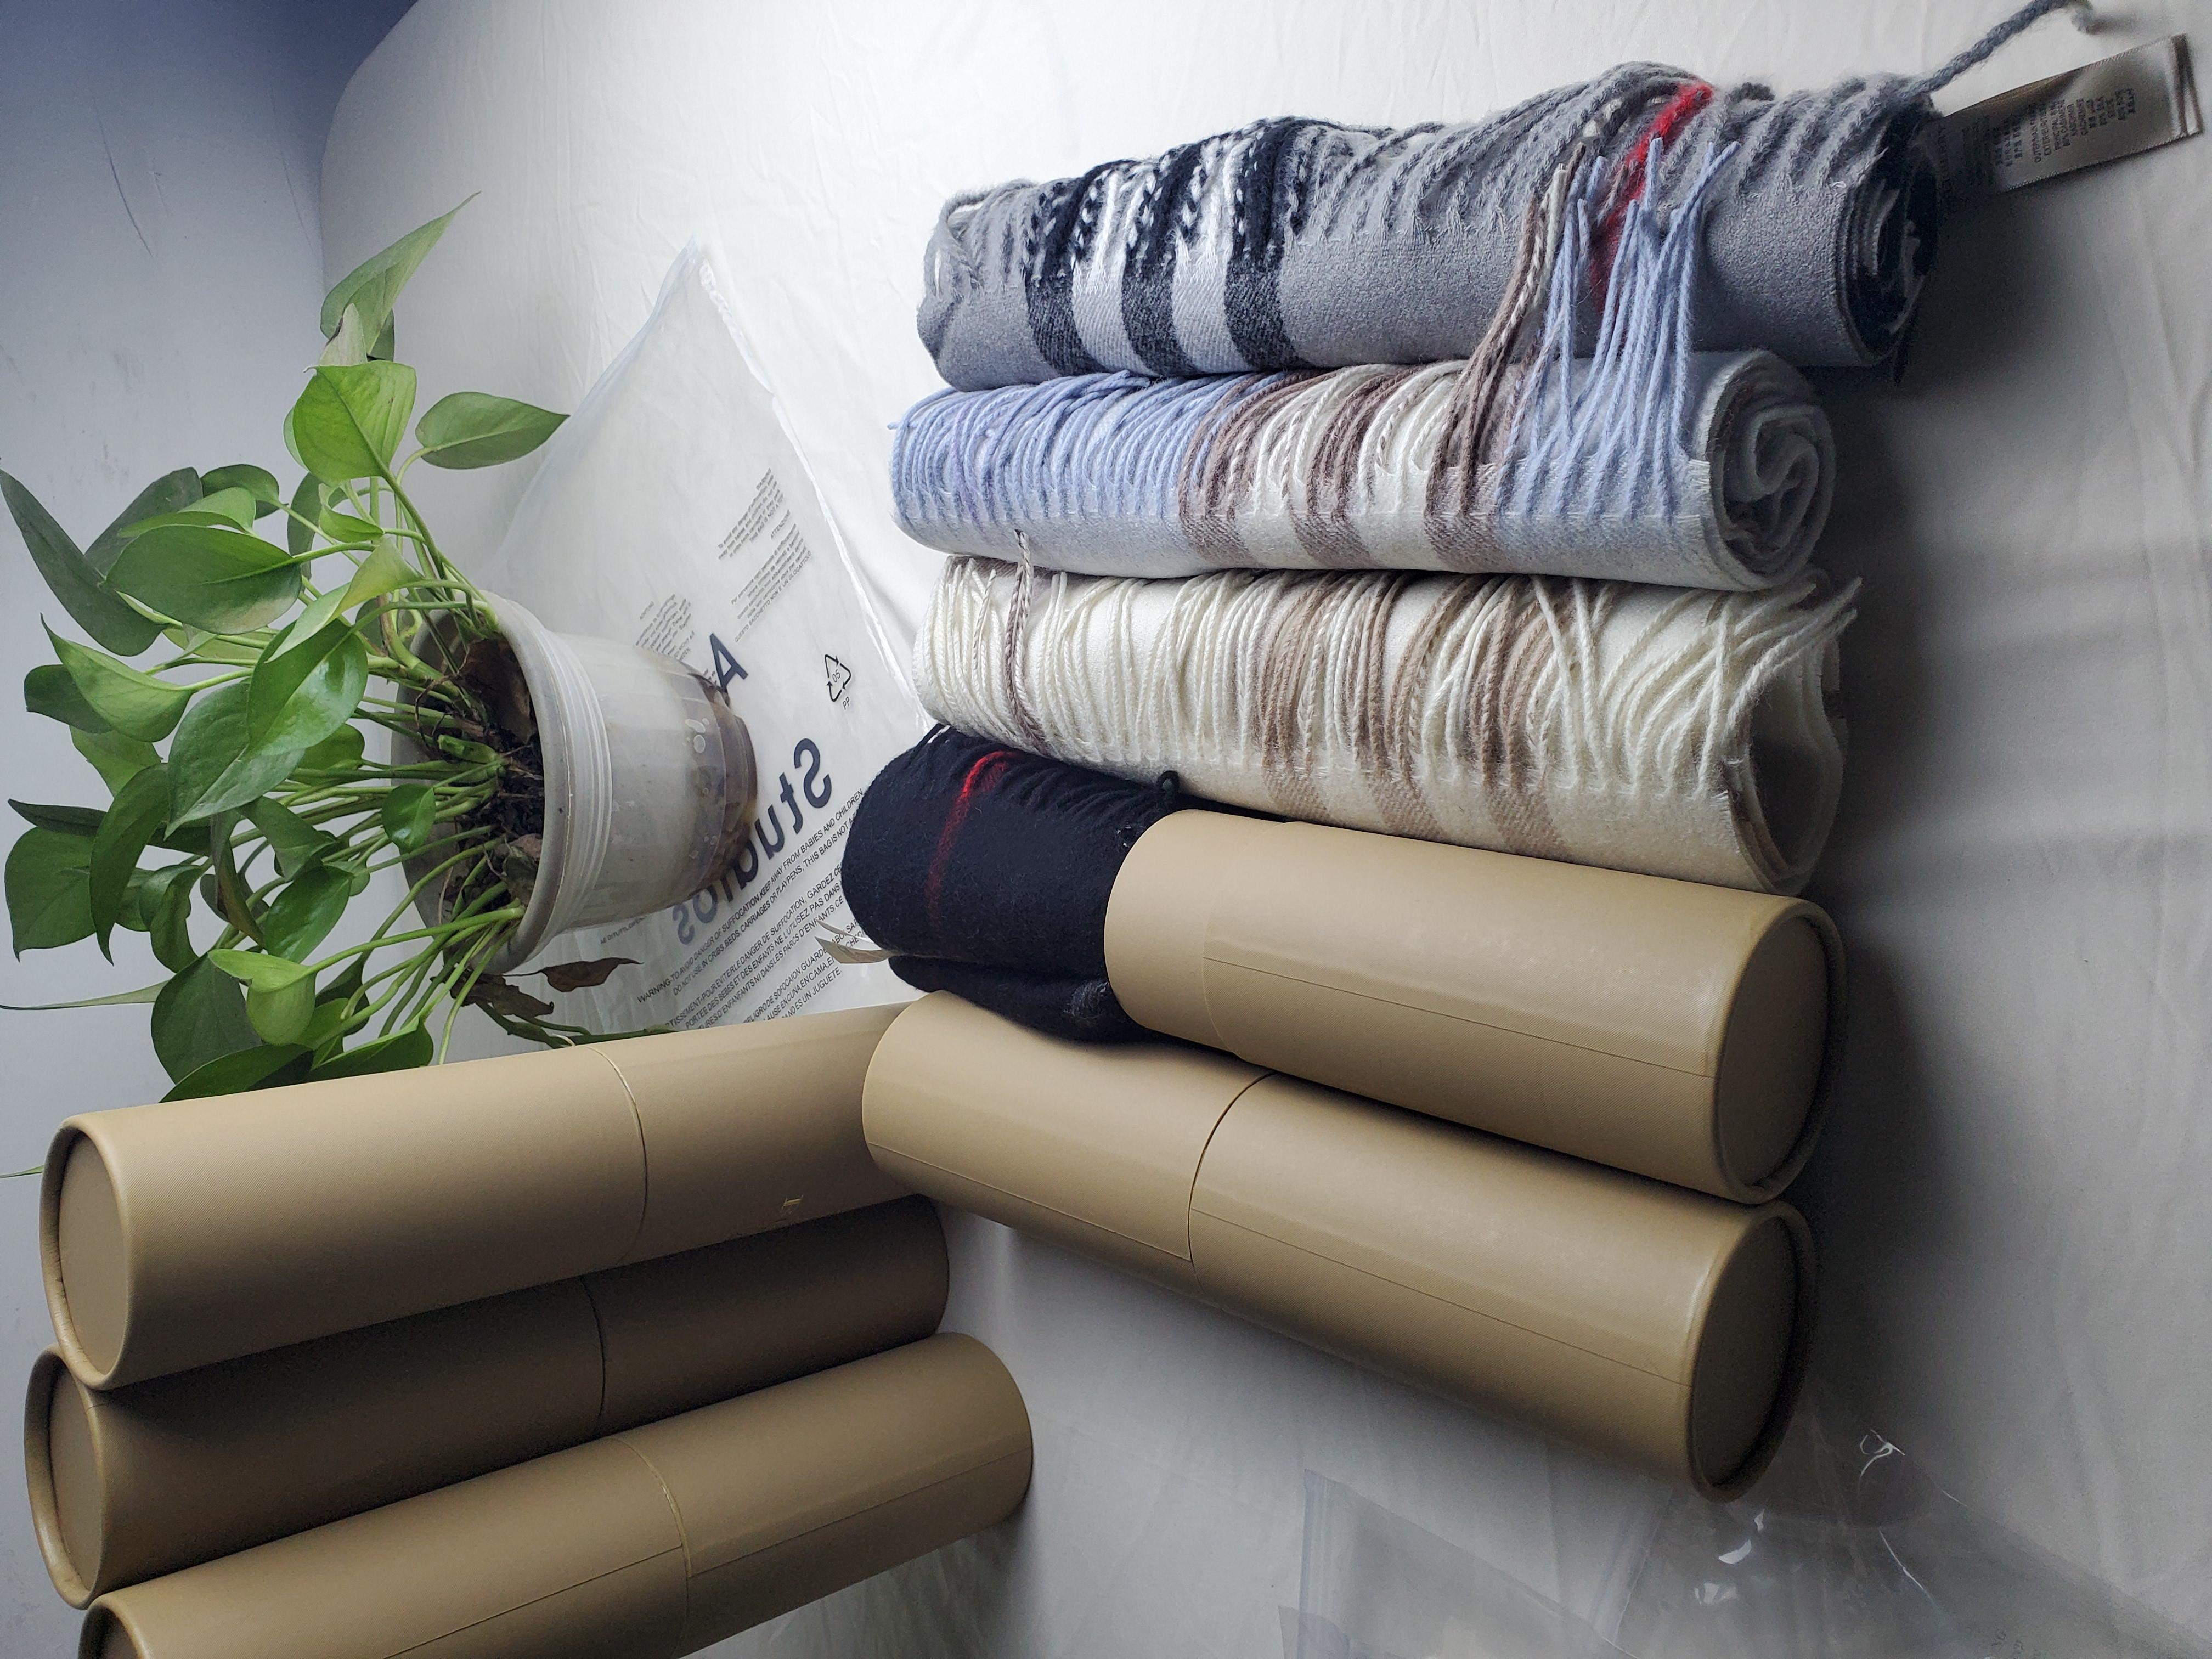 Nouveau 2020 mode hiver unisexe 100% cachemire foulard pour hommes et femmes surdimensionnés chèques classiques châles et écharpes écharpes